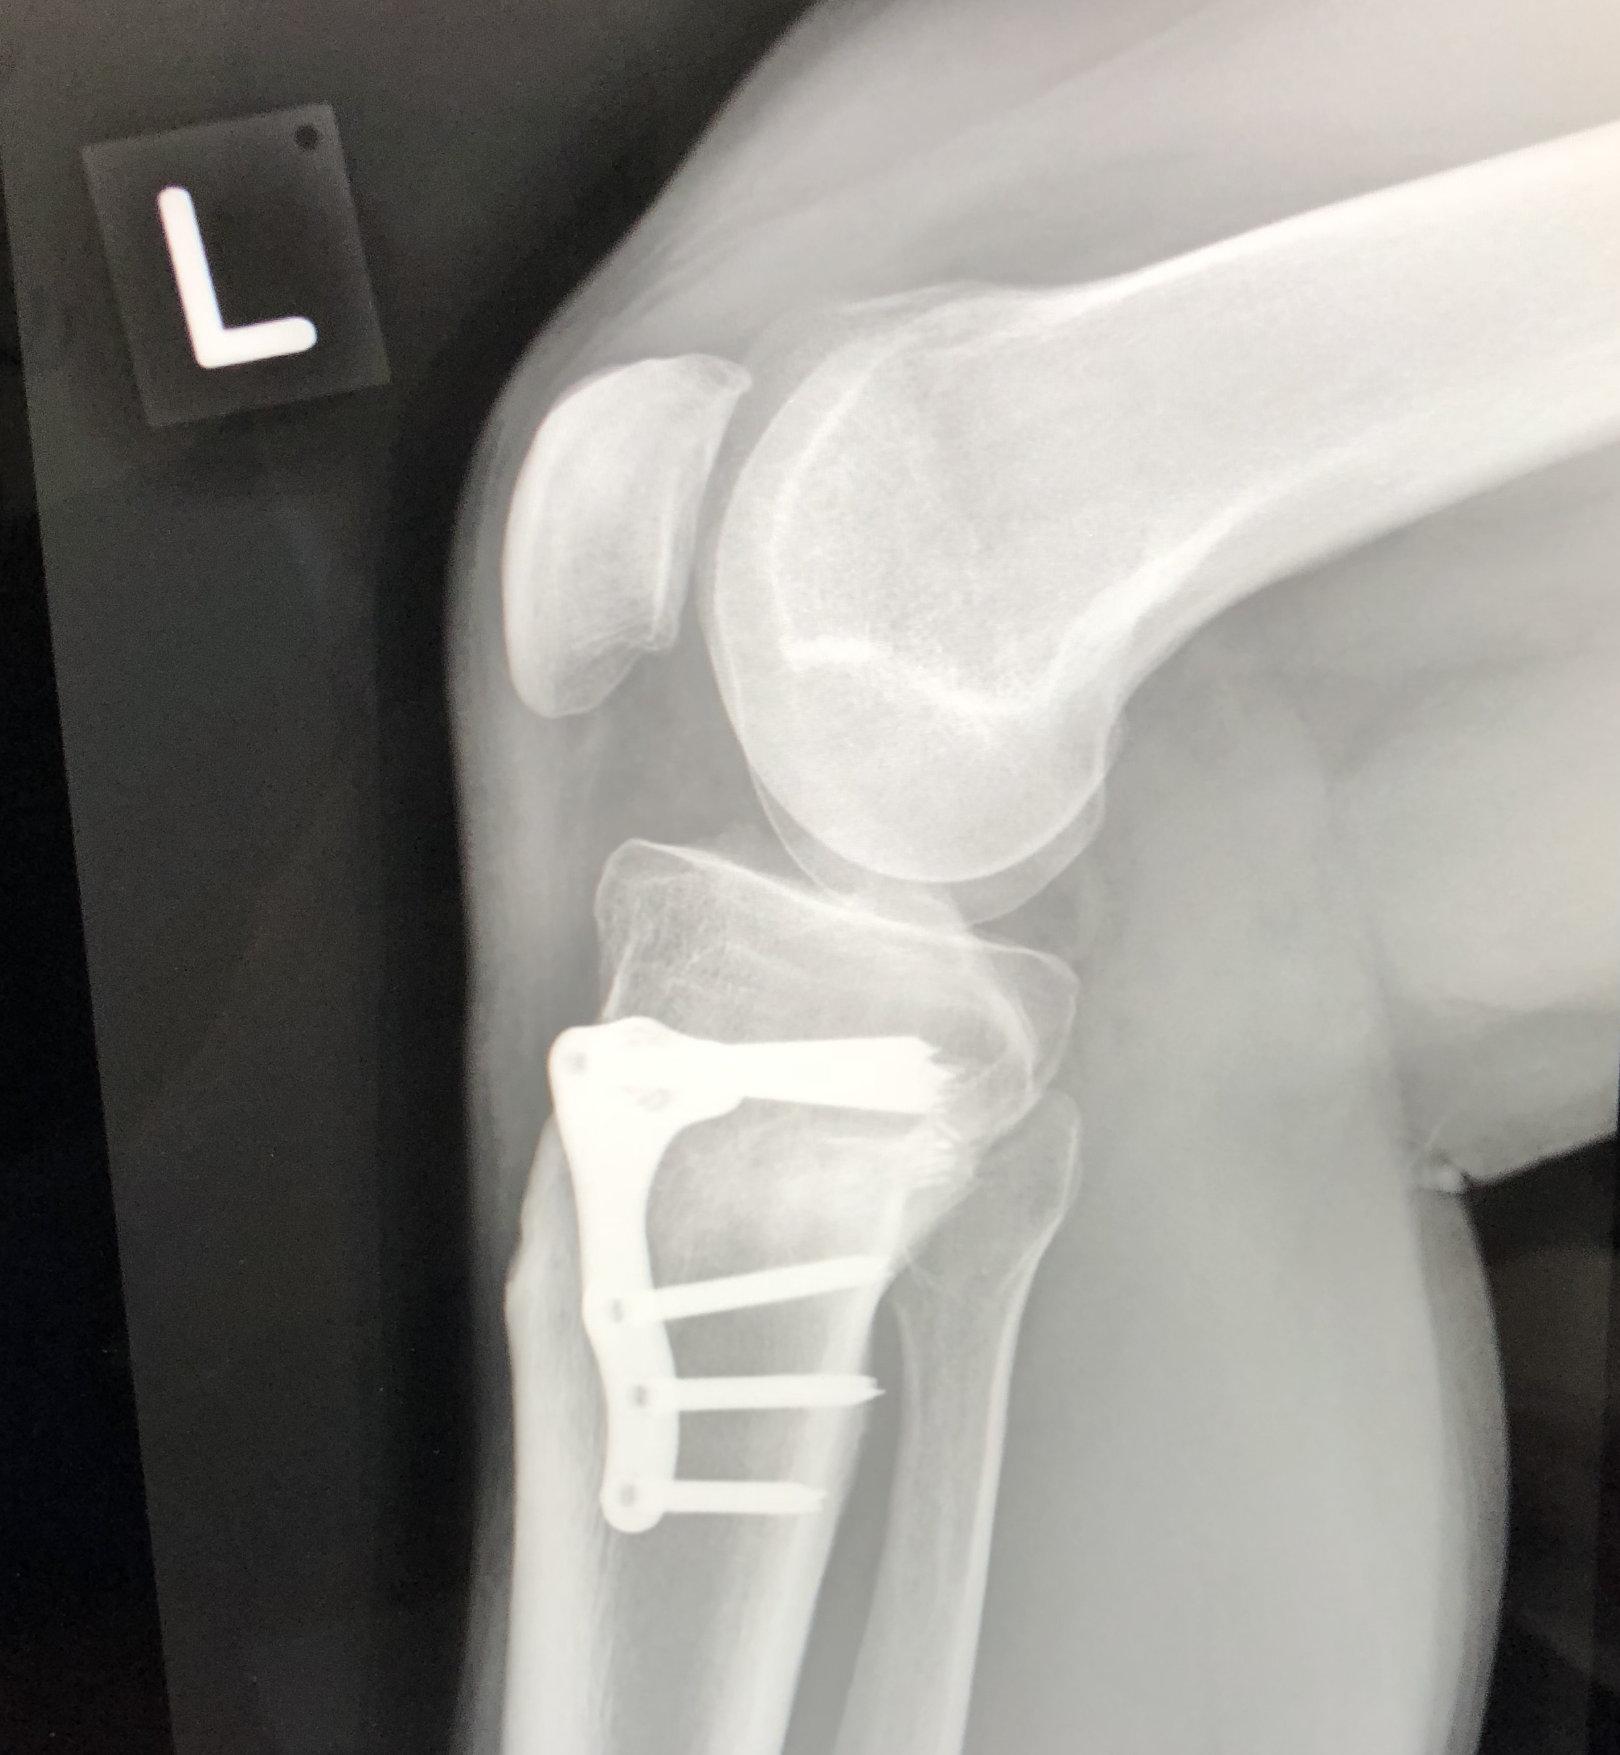 high tibial osteotomy